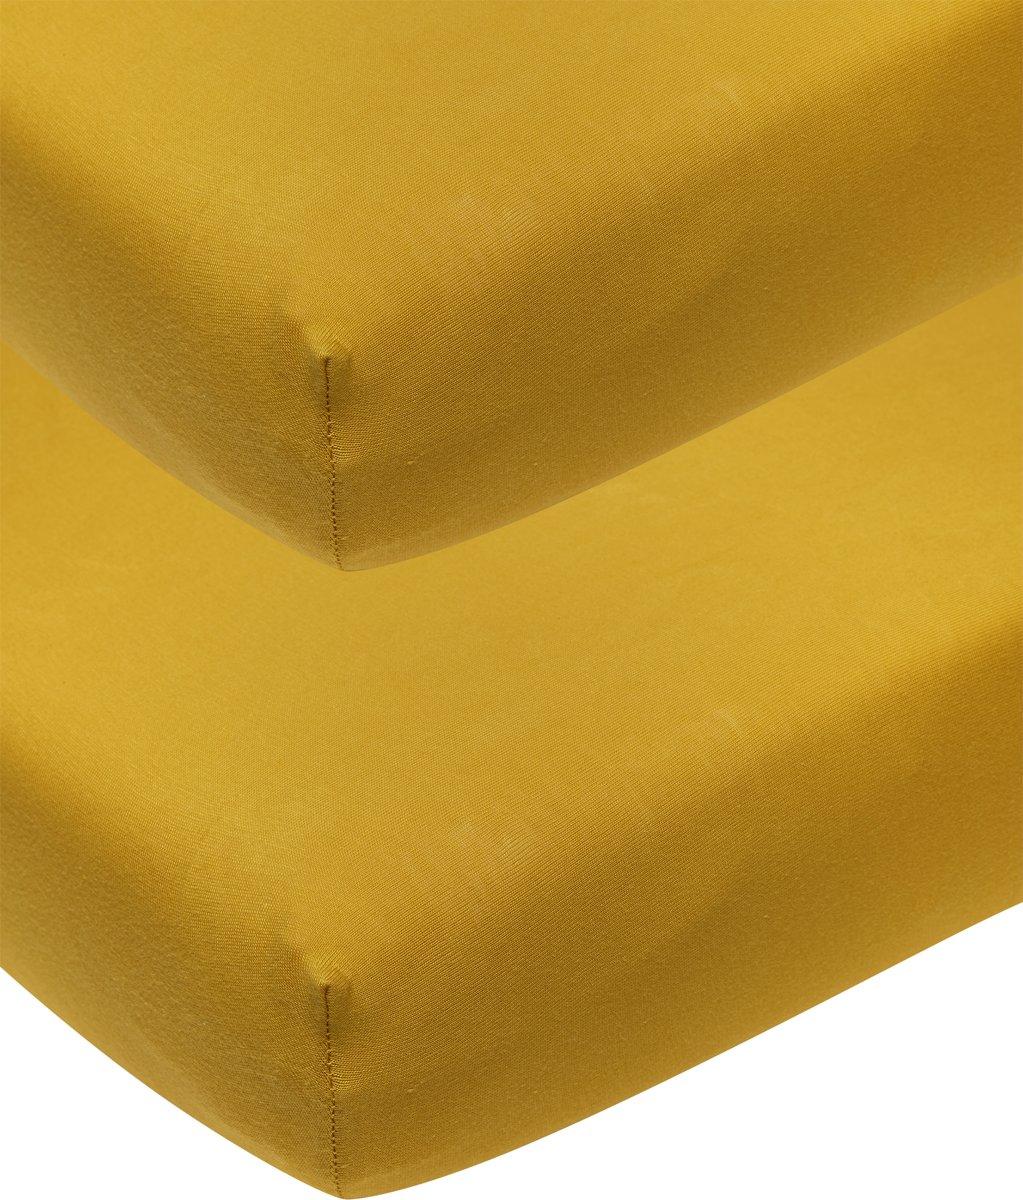 Meyco jersey hoeslaken 2-pack - 70x140/150 cm - okergeel